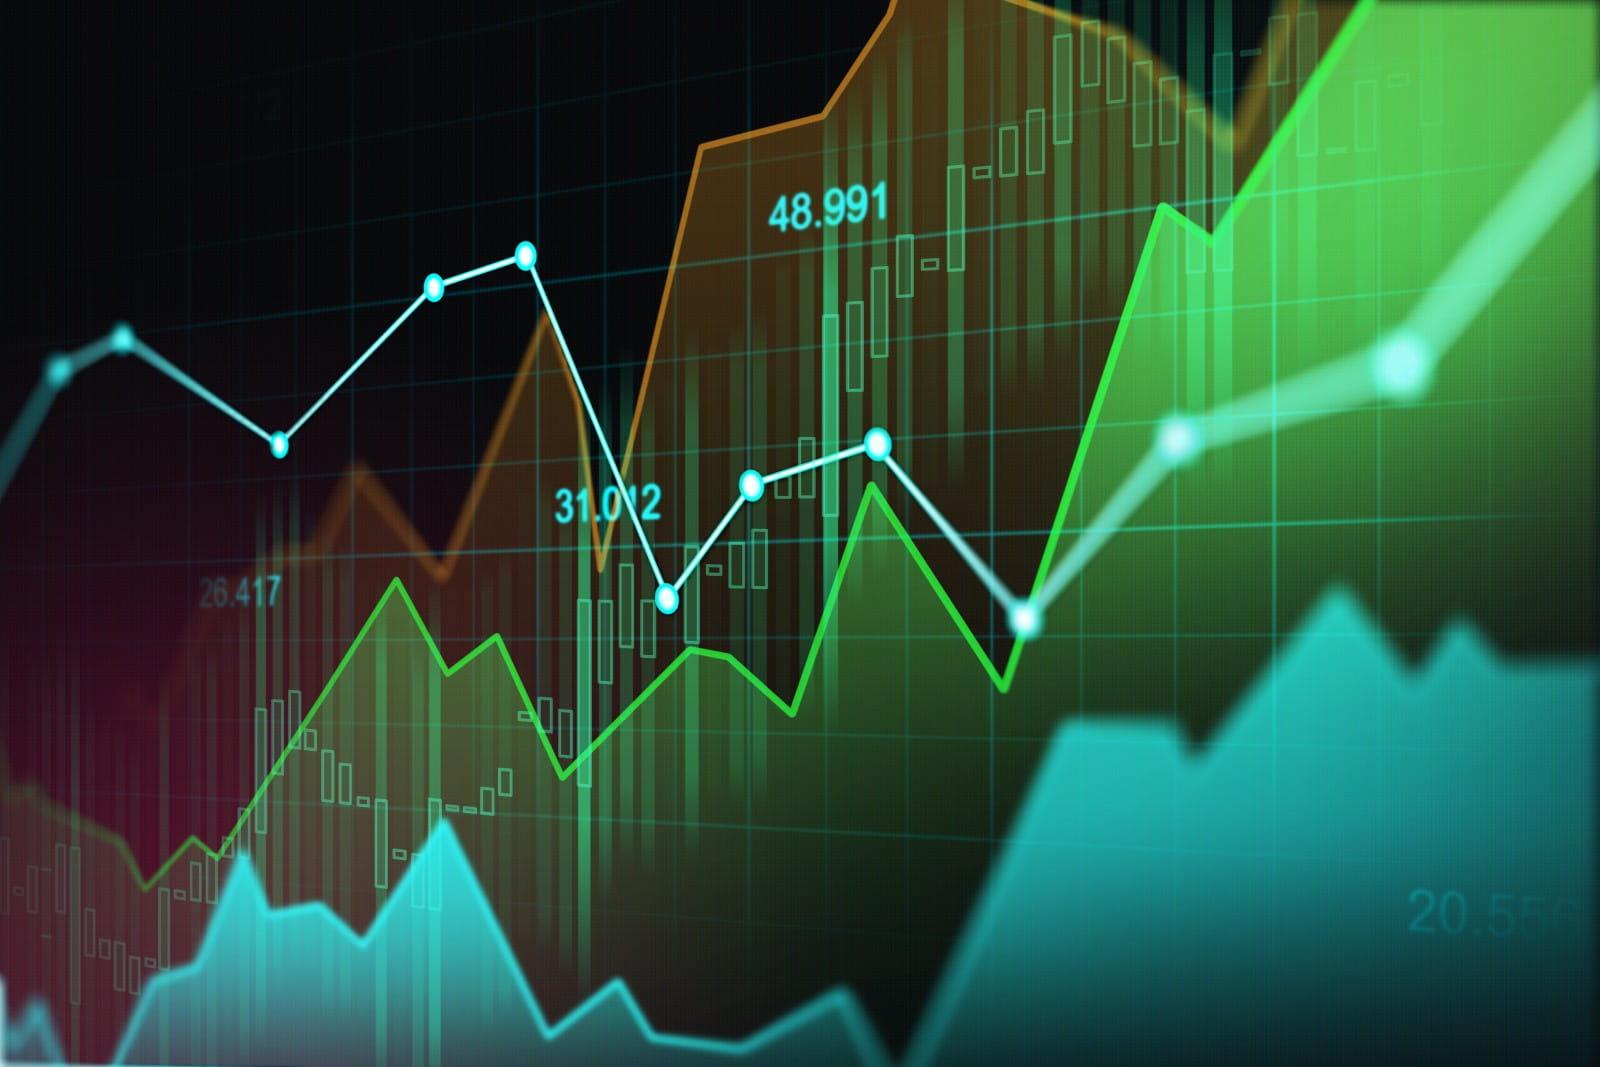 puoi ottenere opzioni di trading ricche cosè un buon investimento in bitcoin